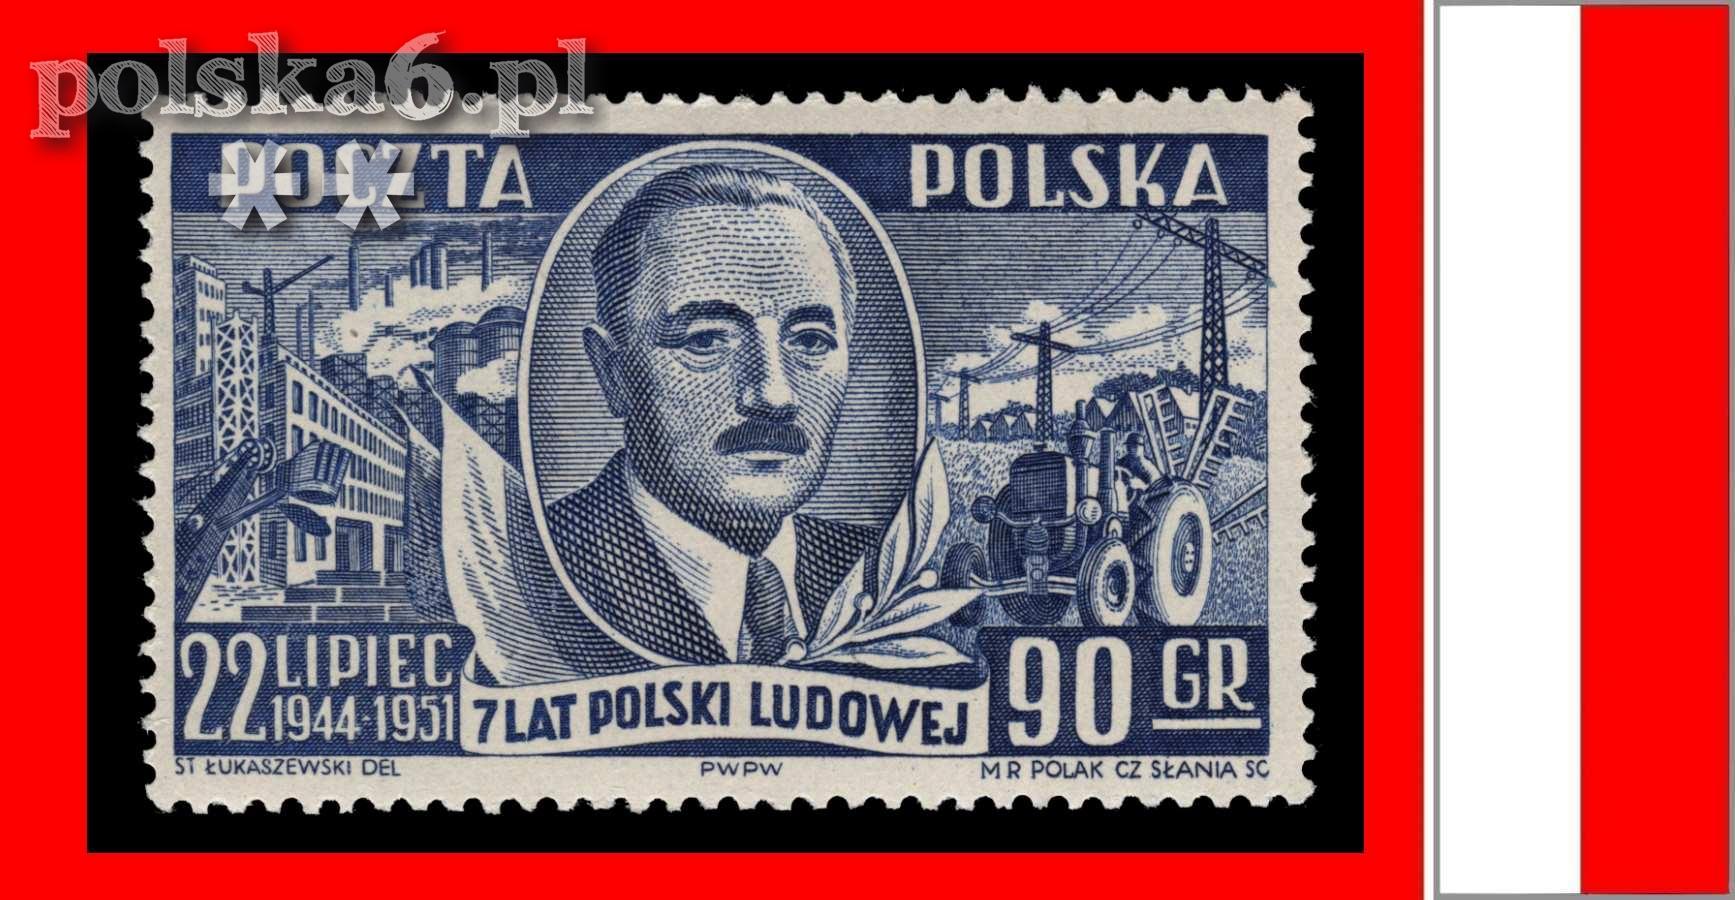 https://polska6.pl/zasoby/fotografie/sklep/czysty2/565-7.rocznica-Manifestu-Lipcowego-Boles%C5%82aw-Bierut_b1178586cab4d96dea8e23a9e3bea437bdb310f3.jpg